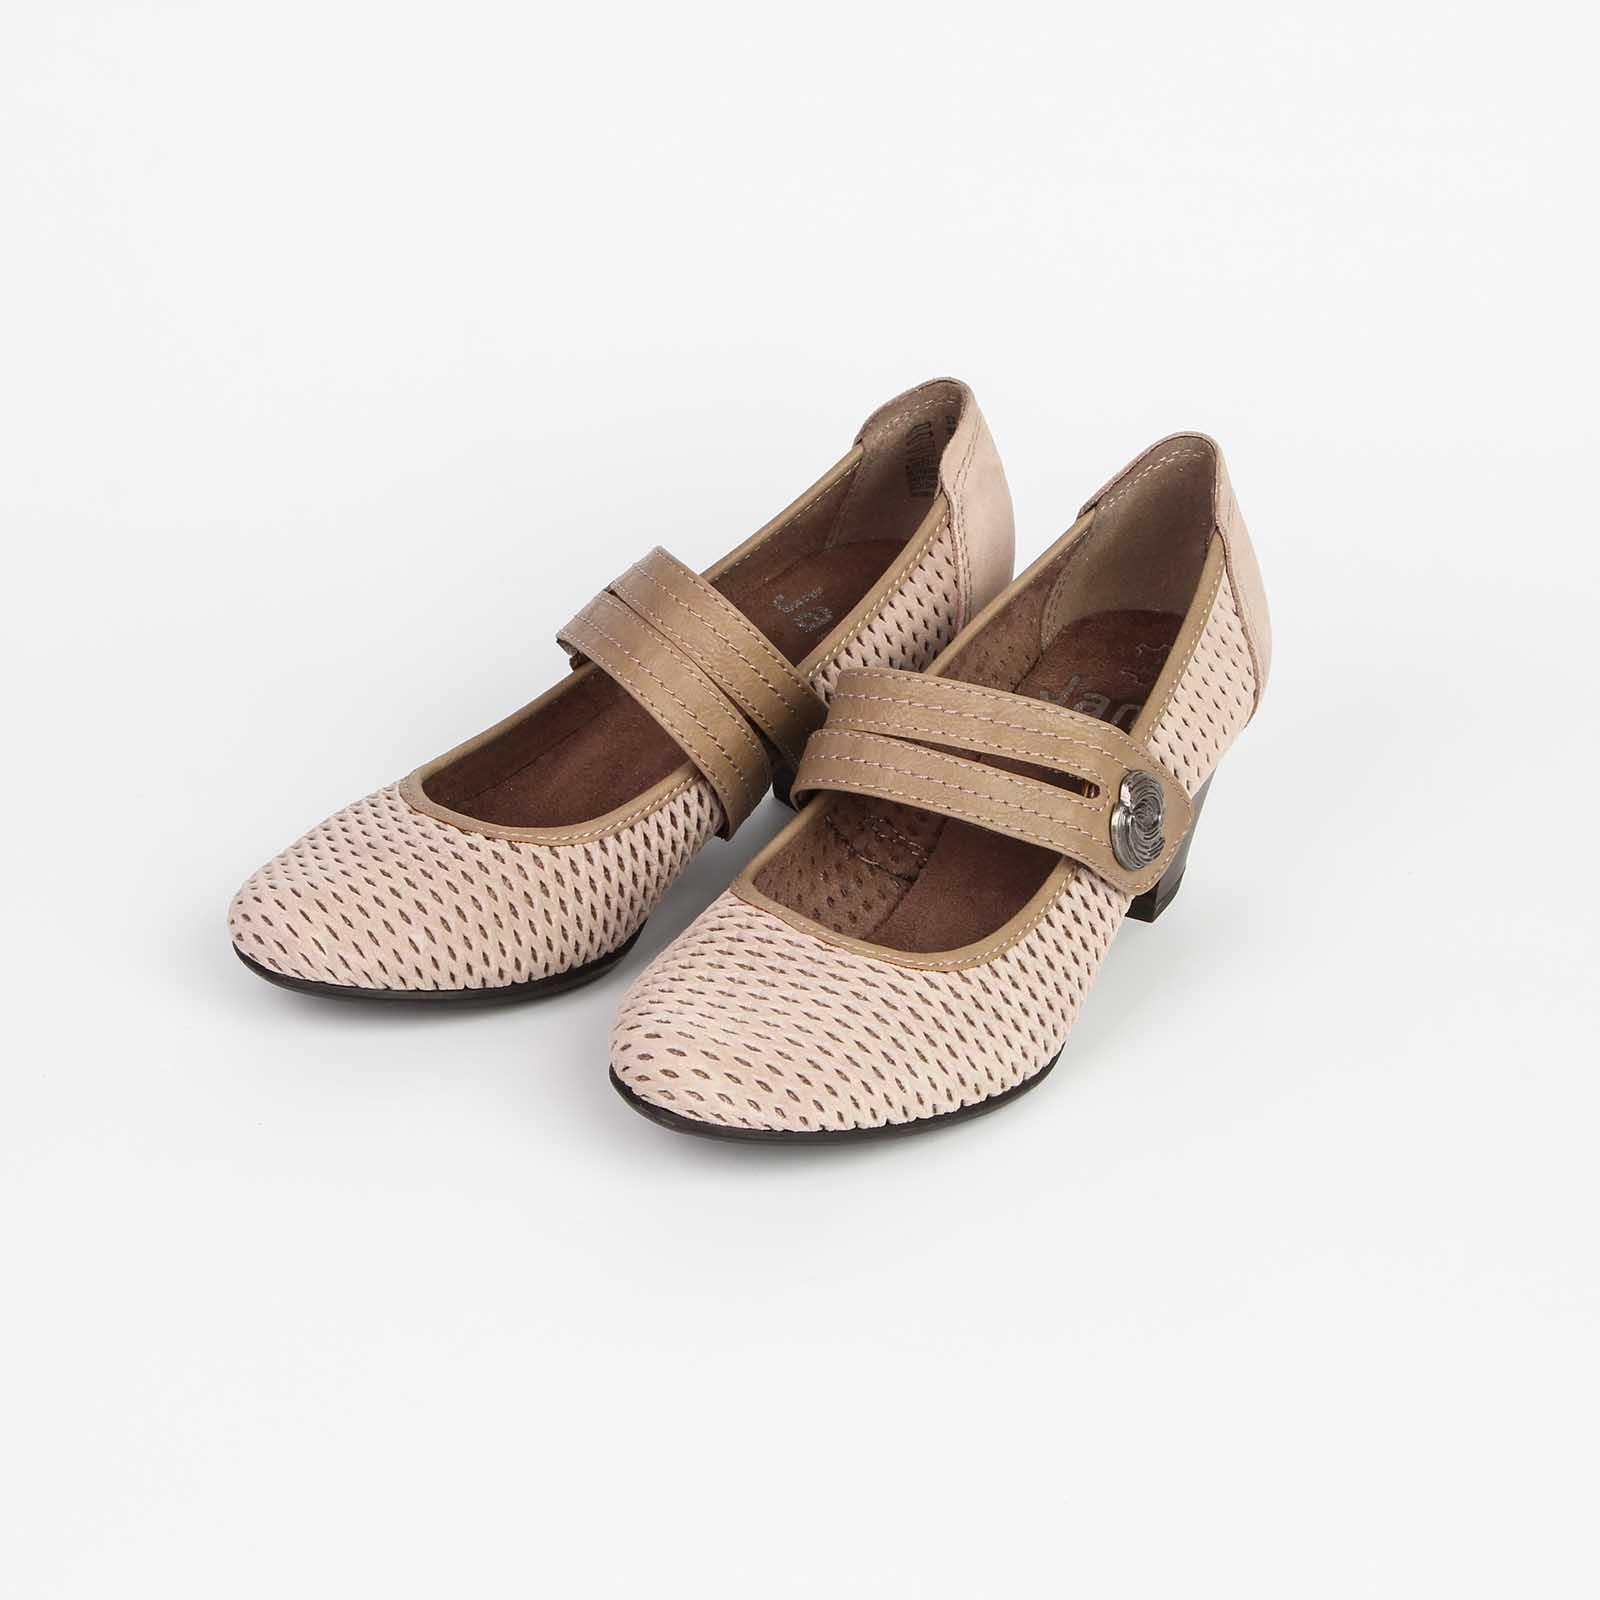 Туфли женские из натуральной кожи декорированные мелкой перфорацией с ремешком